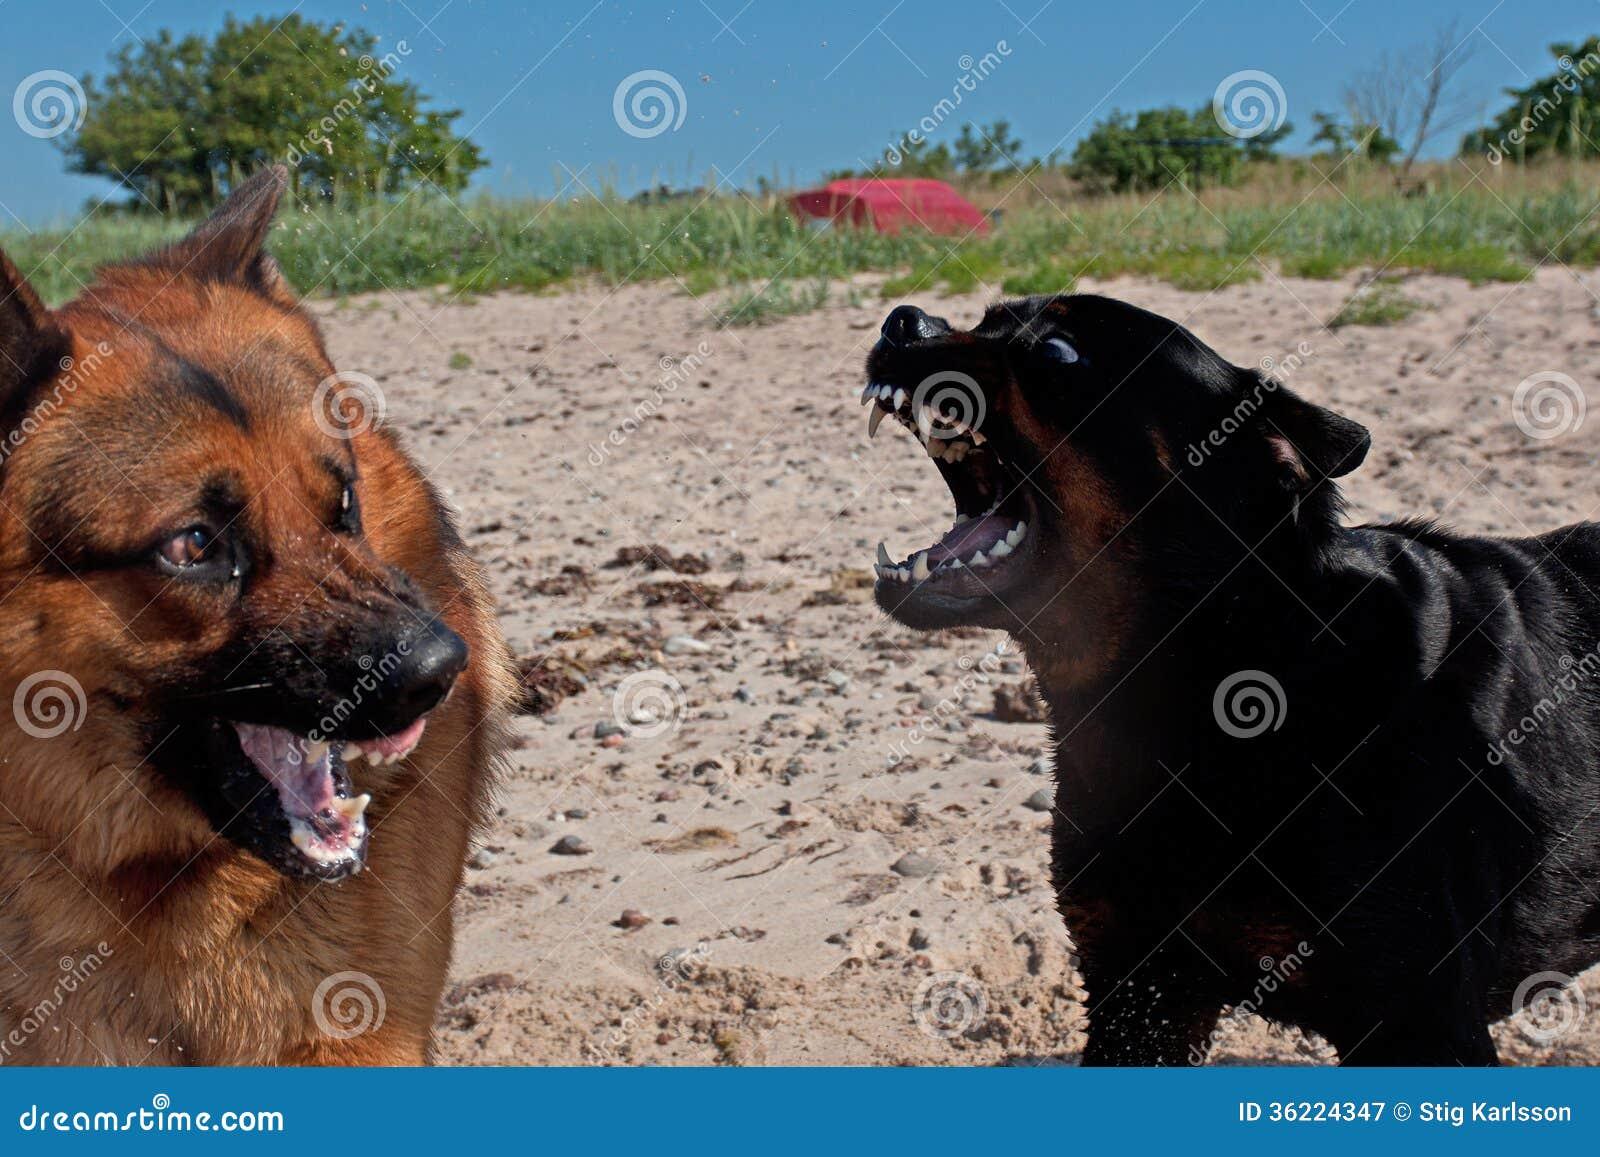 When A Dog Shows His Teeth